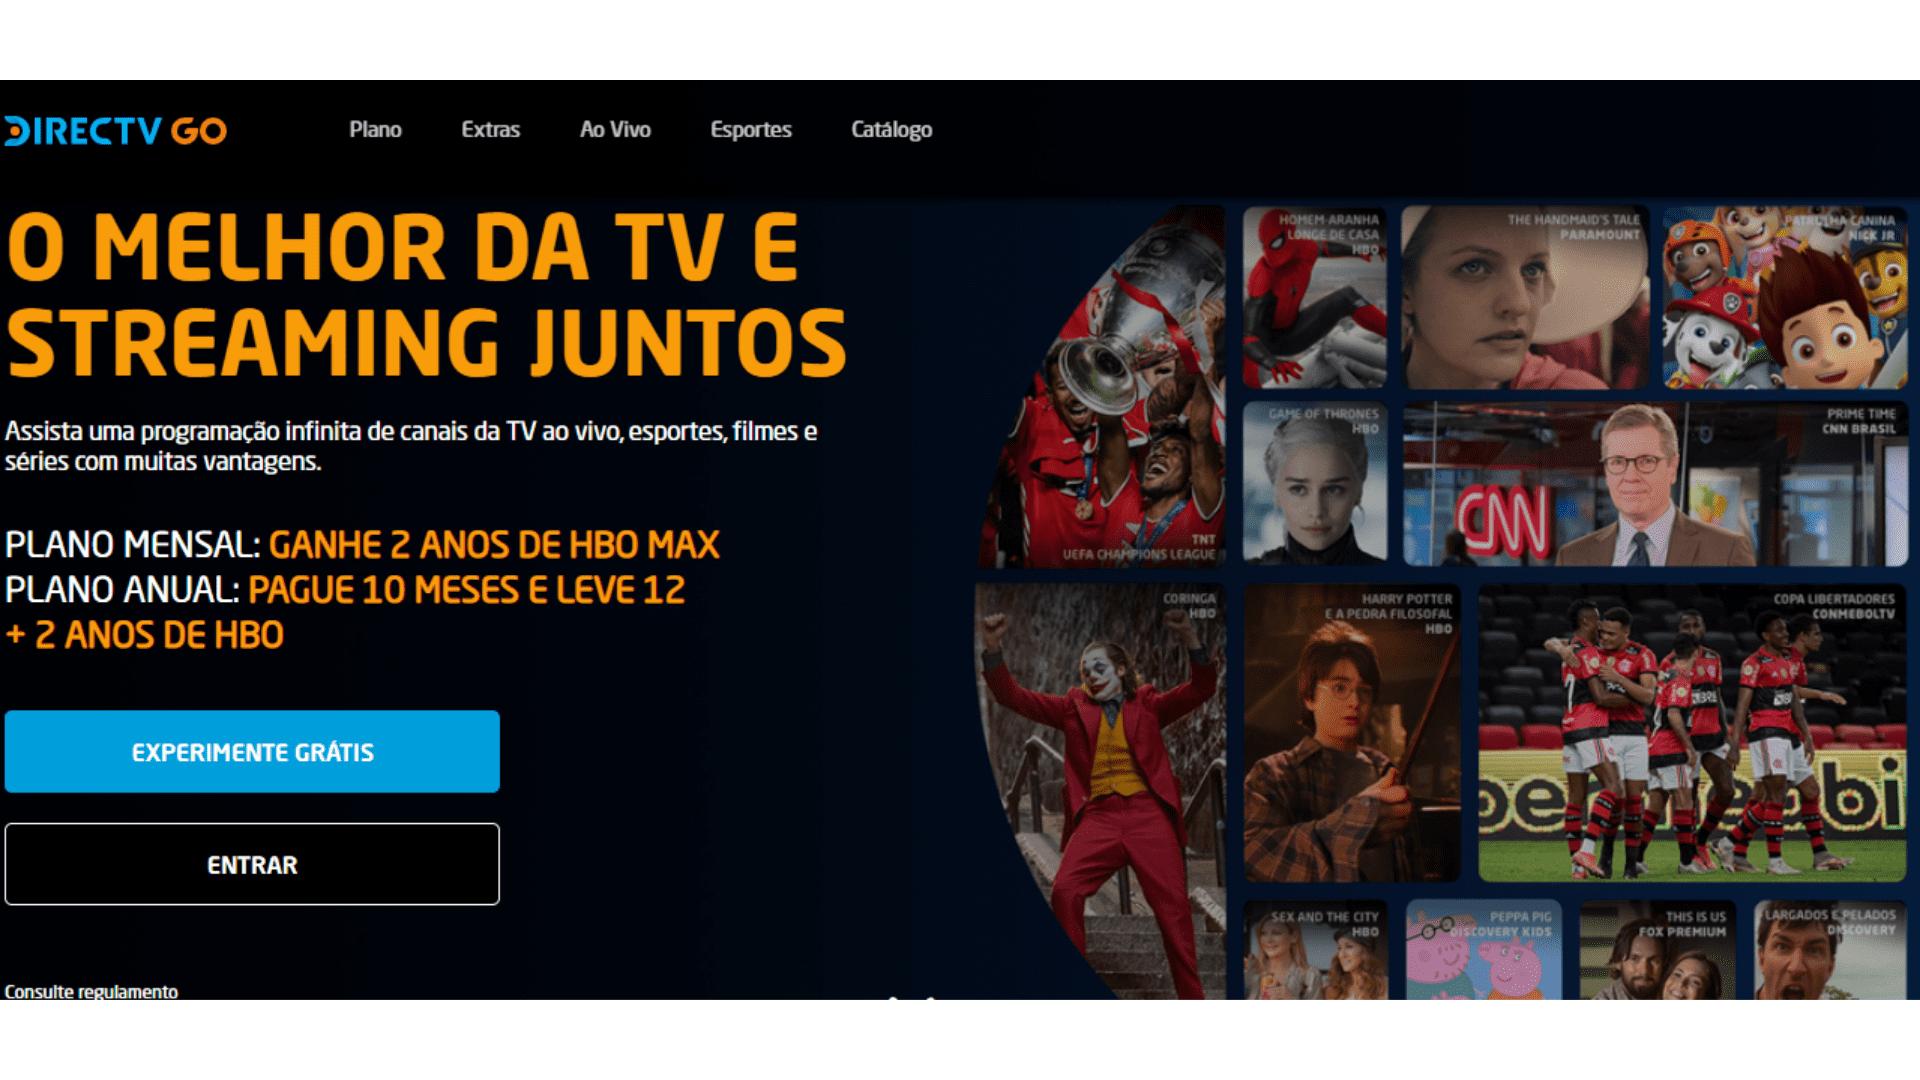 O DirecTV Go é um IPTV legalizado, interessante para ocupar o lugador do TV Express. (Imagem: Captura de tela/DirecTV Go)